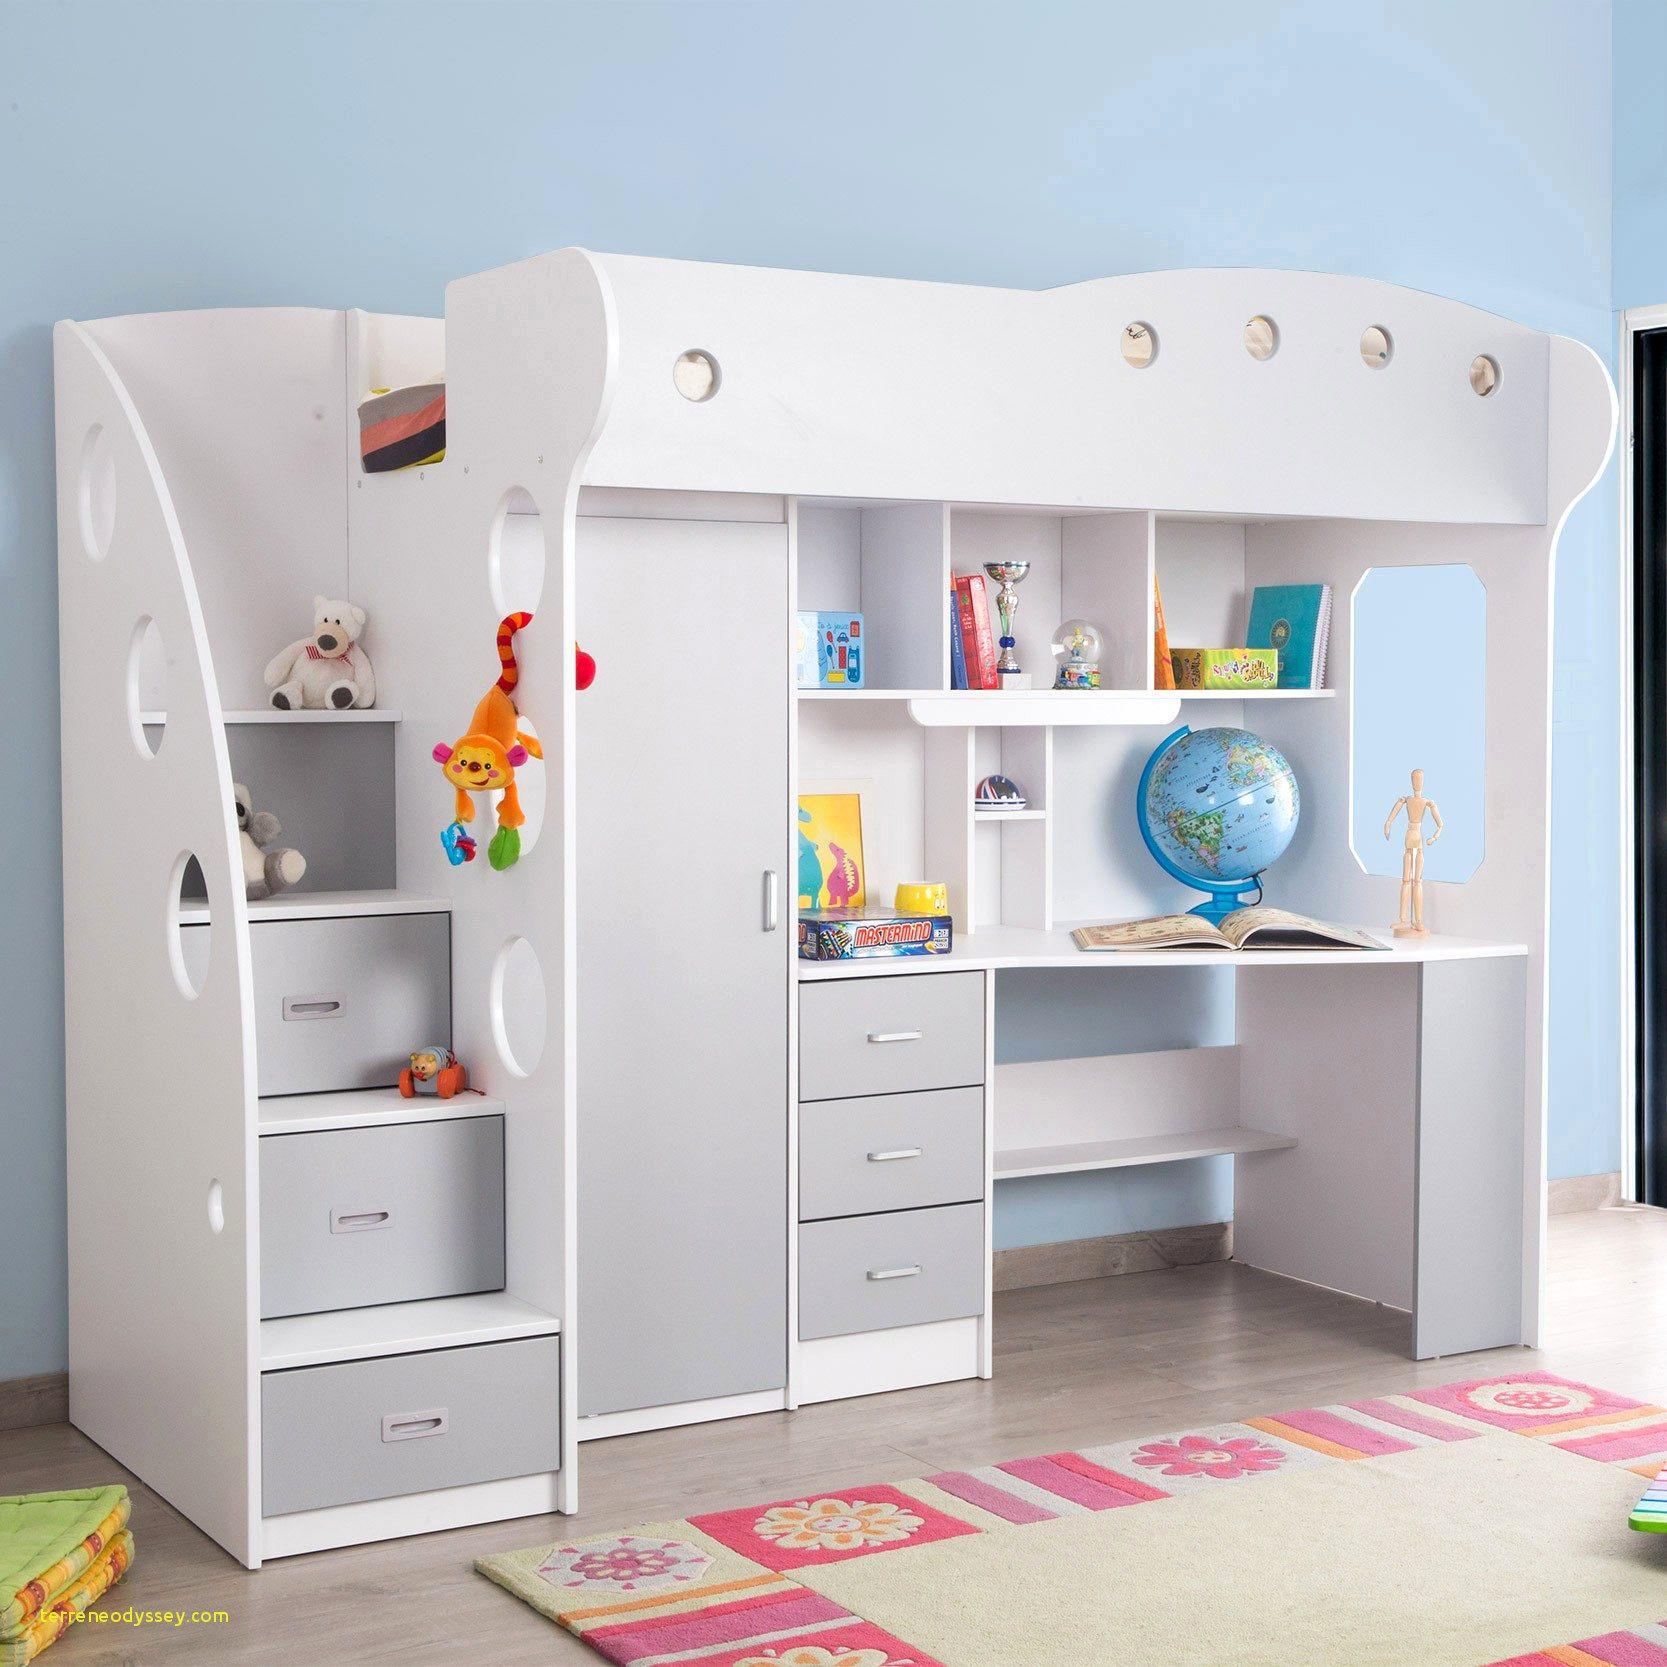 Lit Enfant Une Place Inspirant Résultat Supérieur Lit Pour Enfant Merveilleux Banc De Rangement